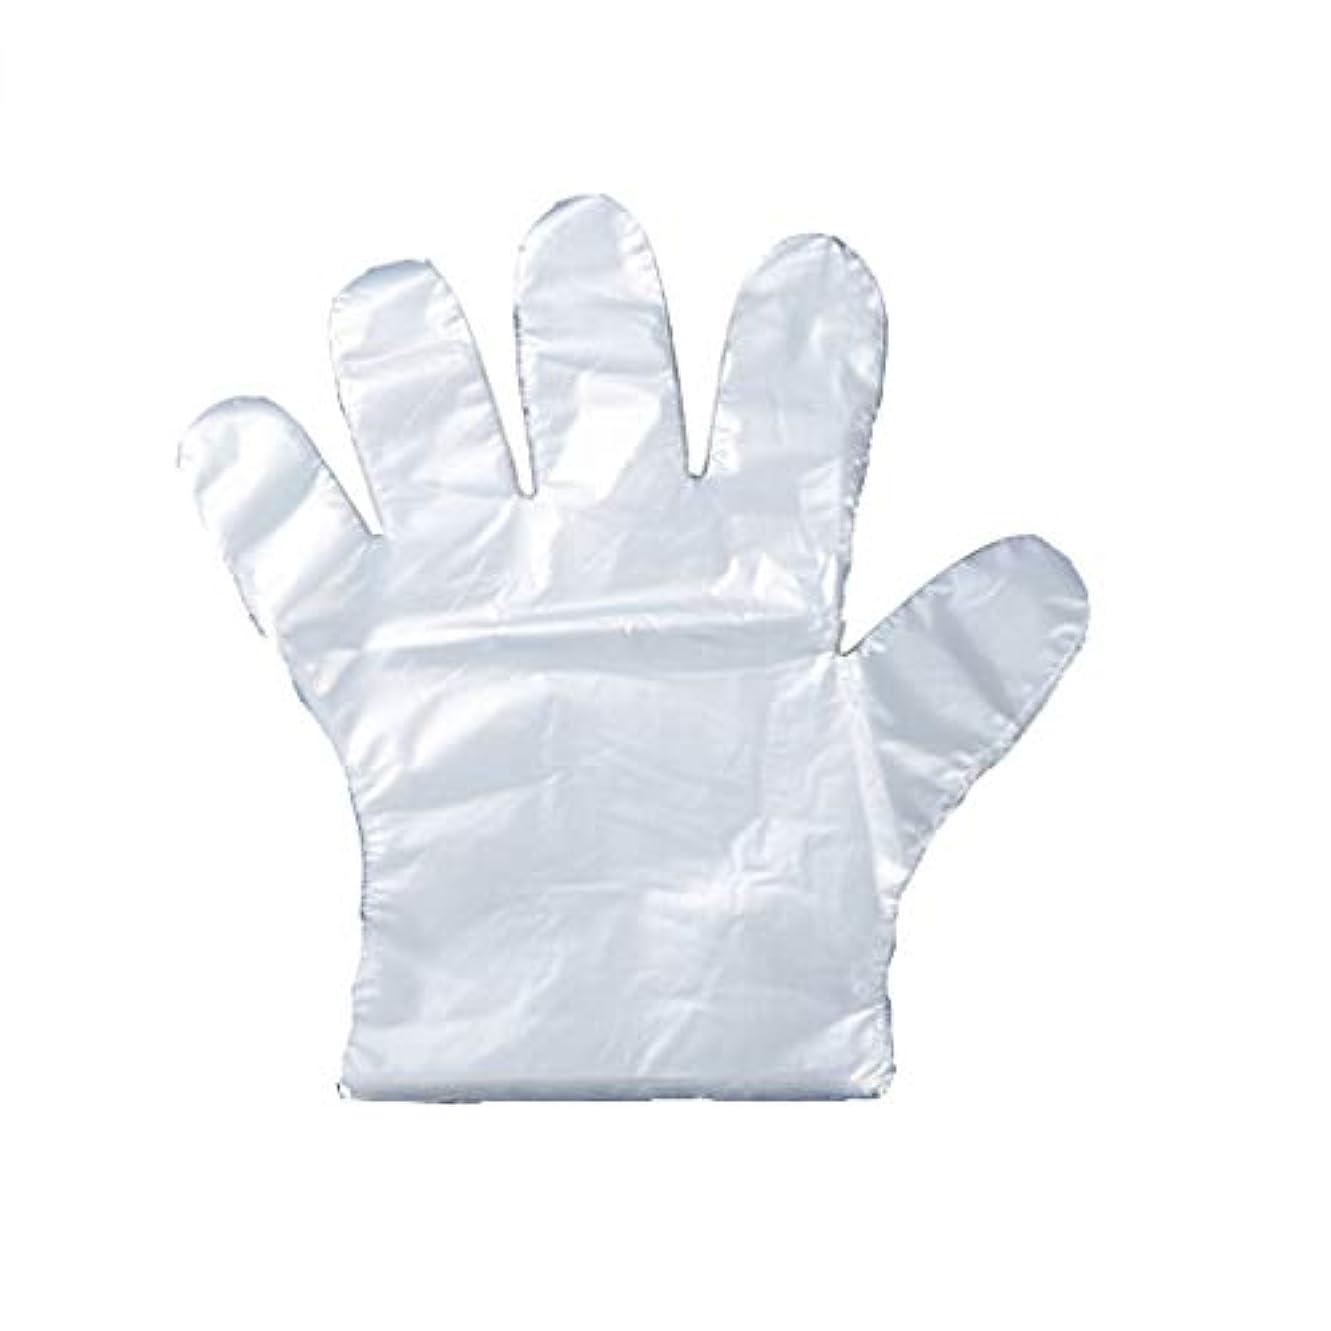 対処巡礼者テンション手袋の使い捨て手袋のフィルム家庭用キッチンの食品は、透明PEプラスチック手袋100パッケージを厚くした (UnitCount : 200)